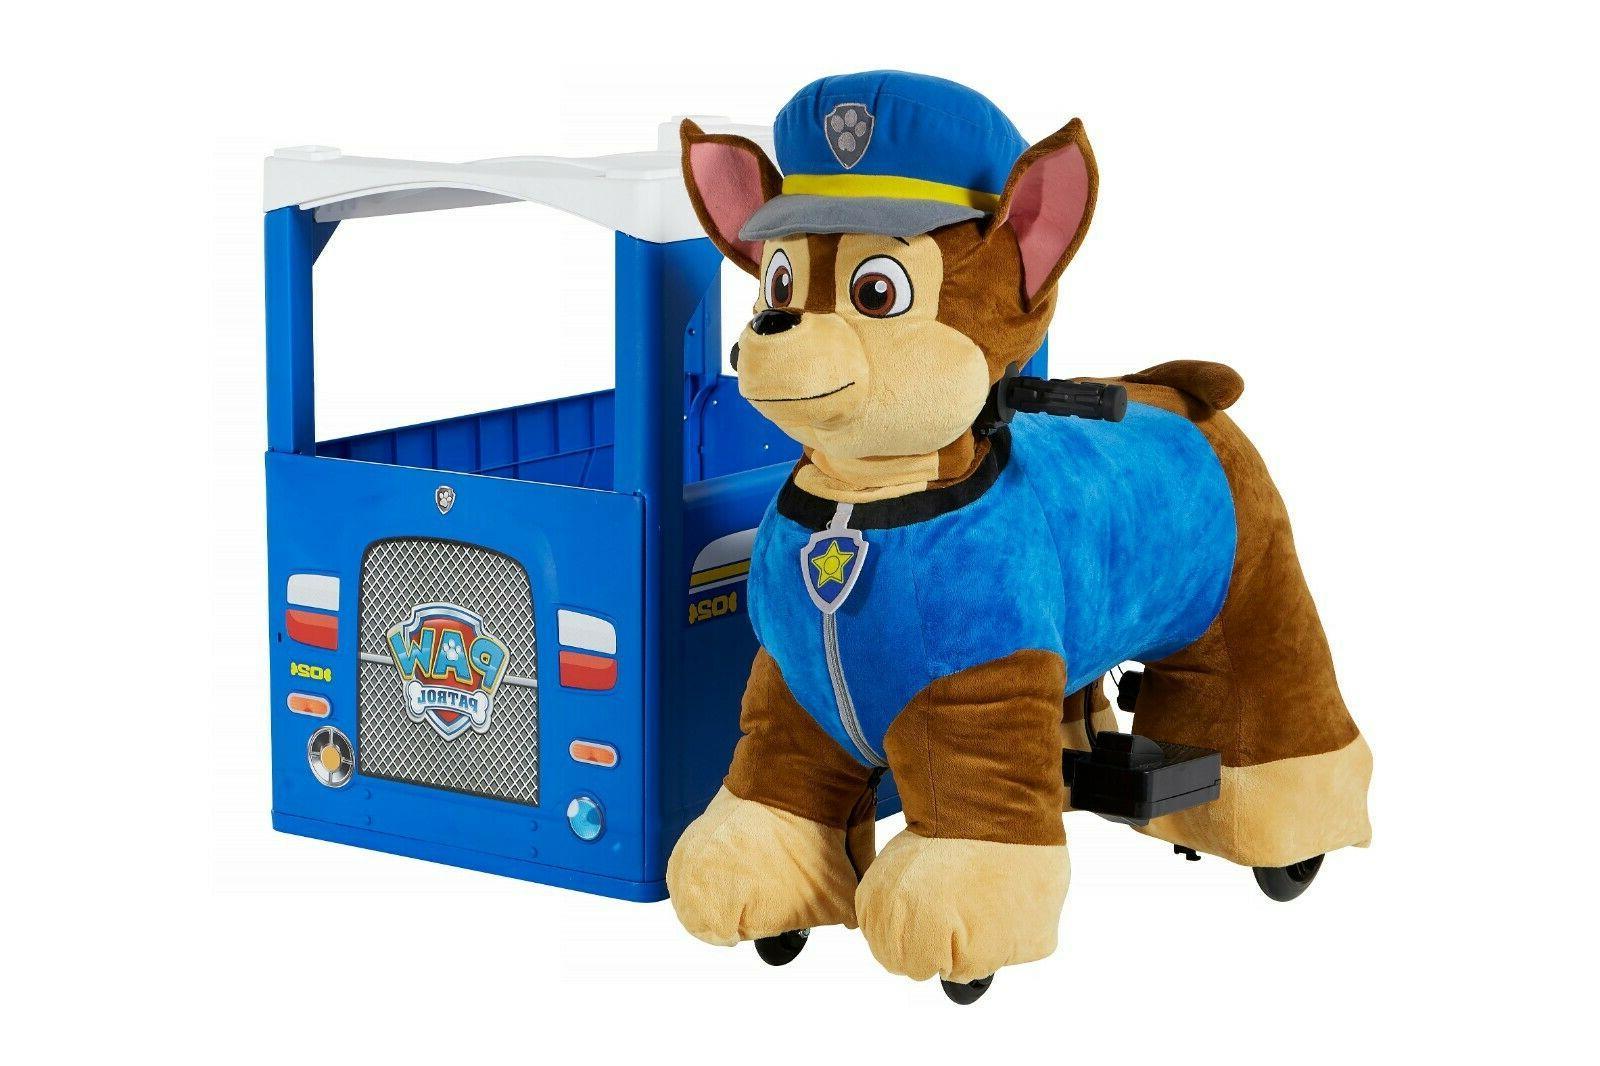 paw patrol chase plush electric